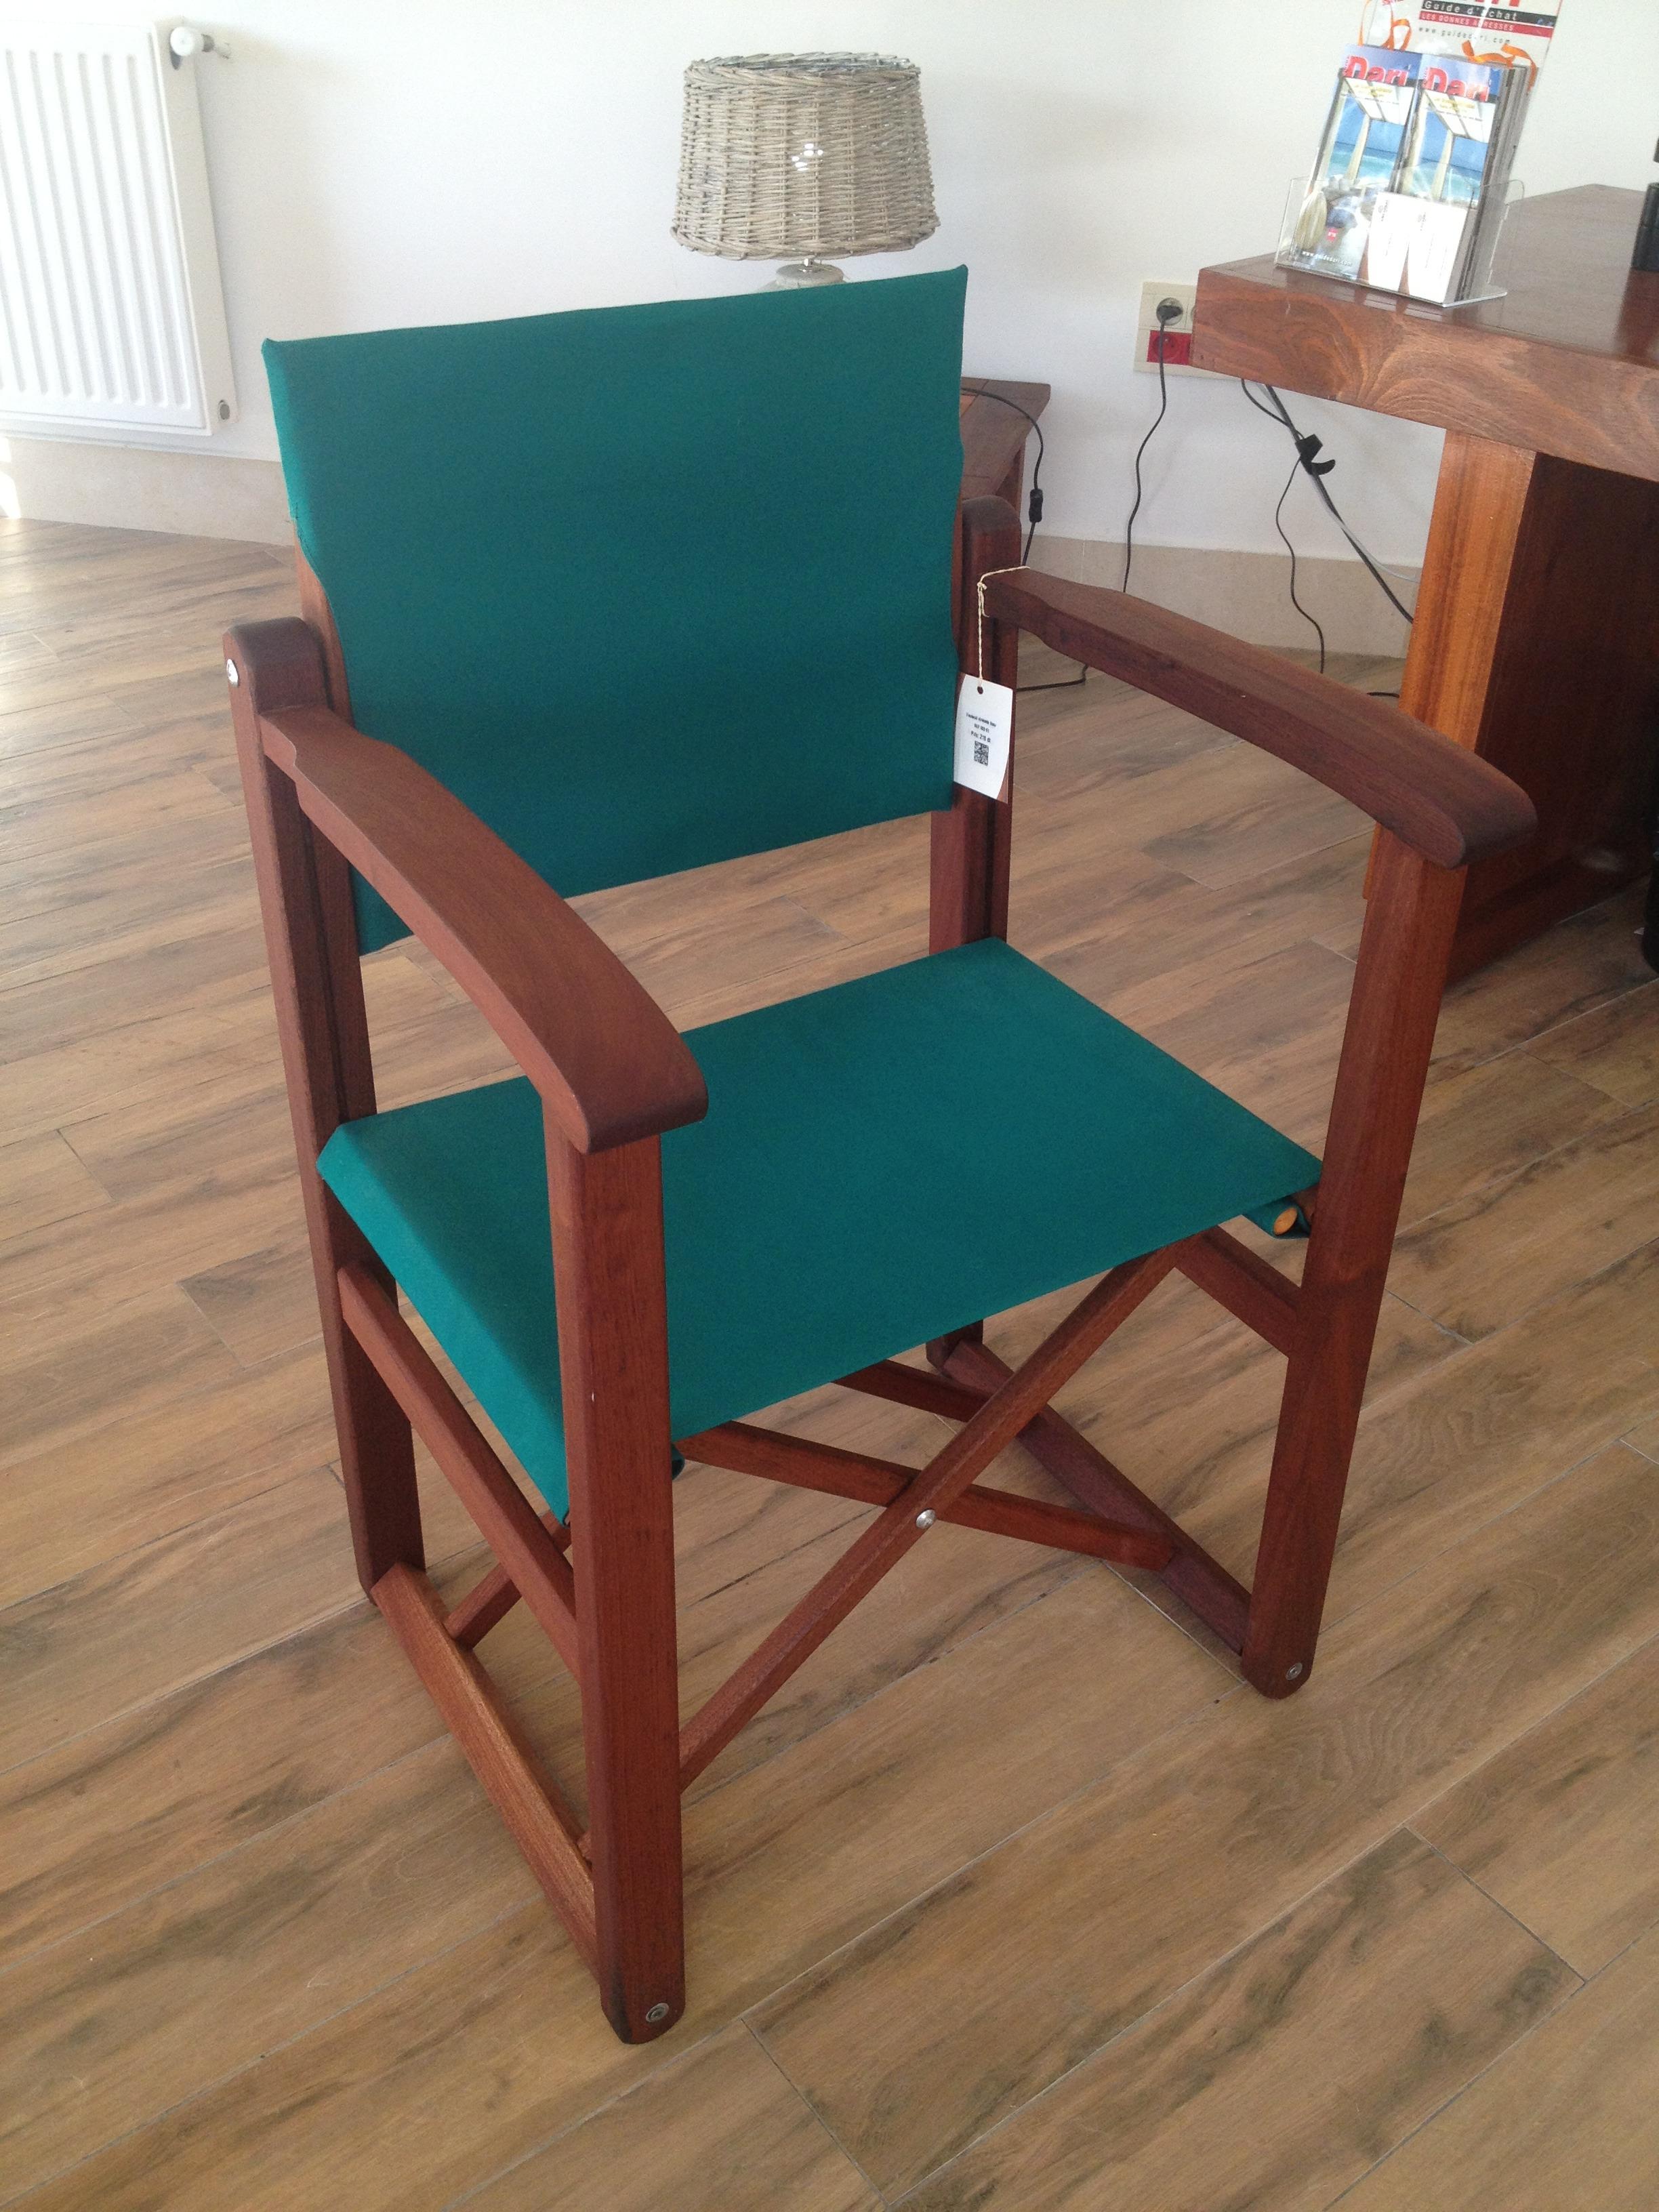 Fauteuil cin aste batilline meubles et d coration tunisie for Deco meuble tunisie